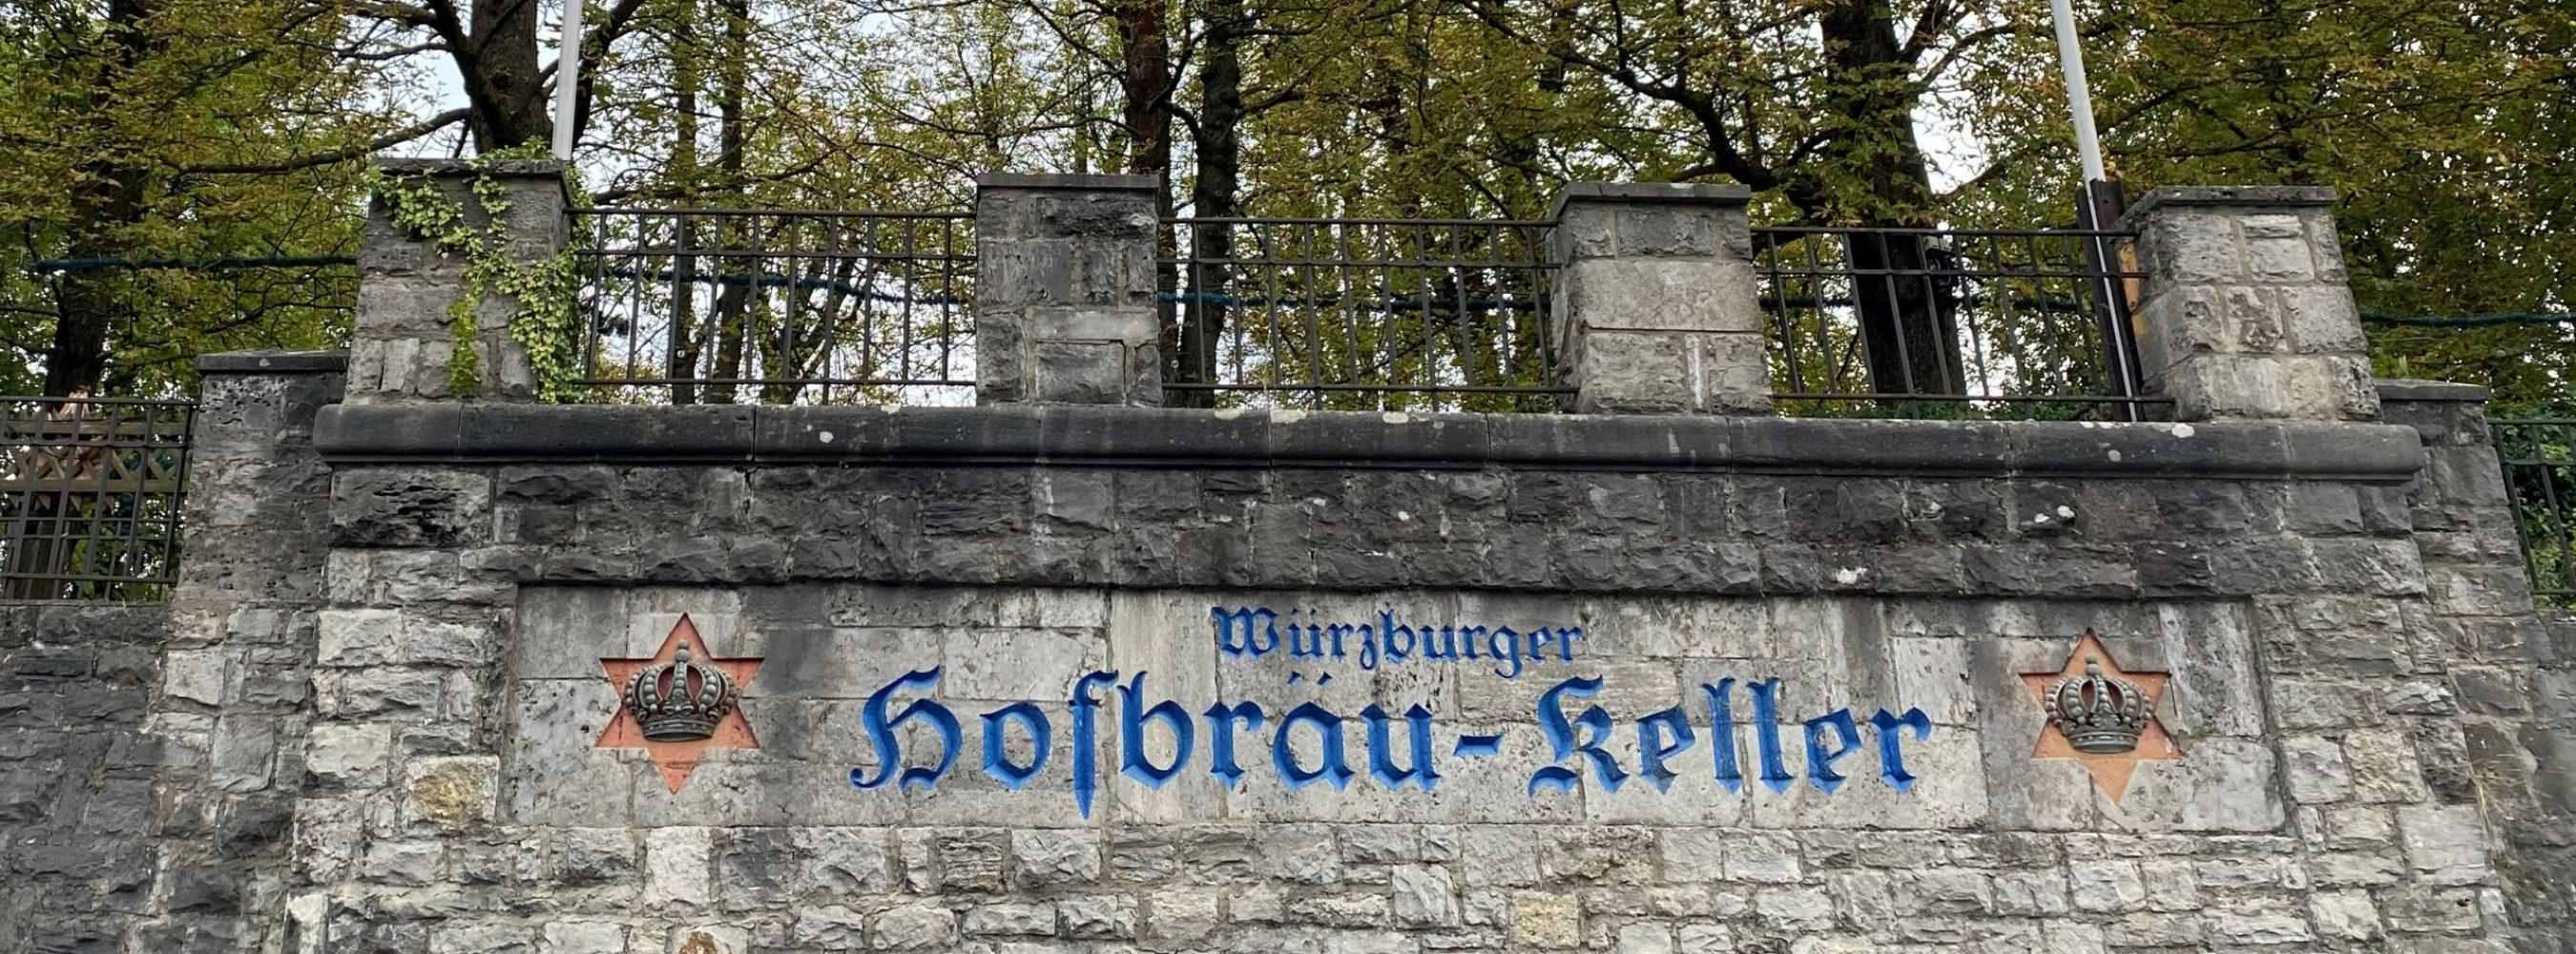 Mauer mit Schriftzug des Hofbräukellers in Würzburg